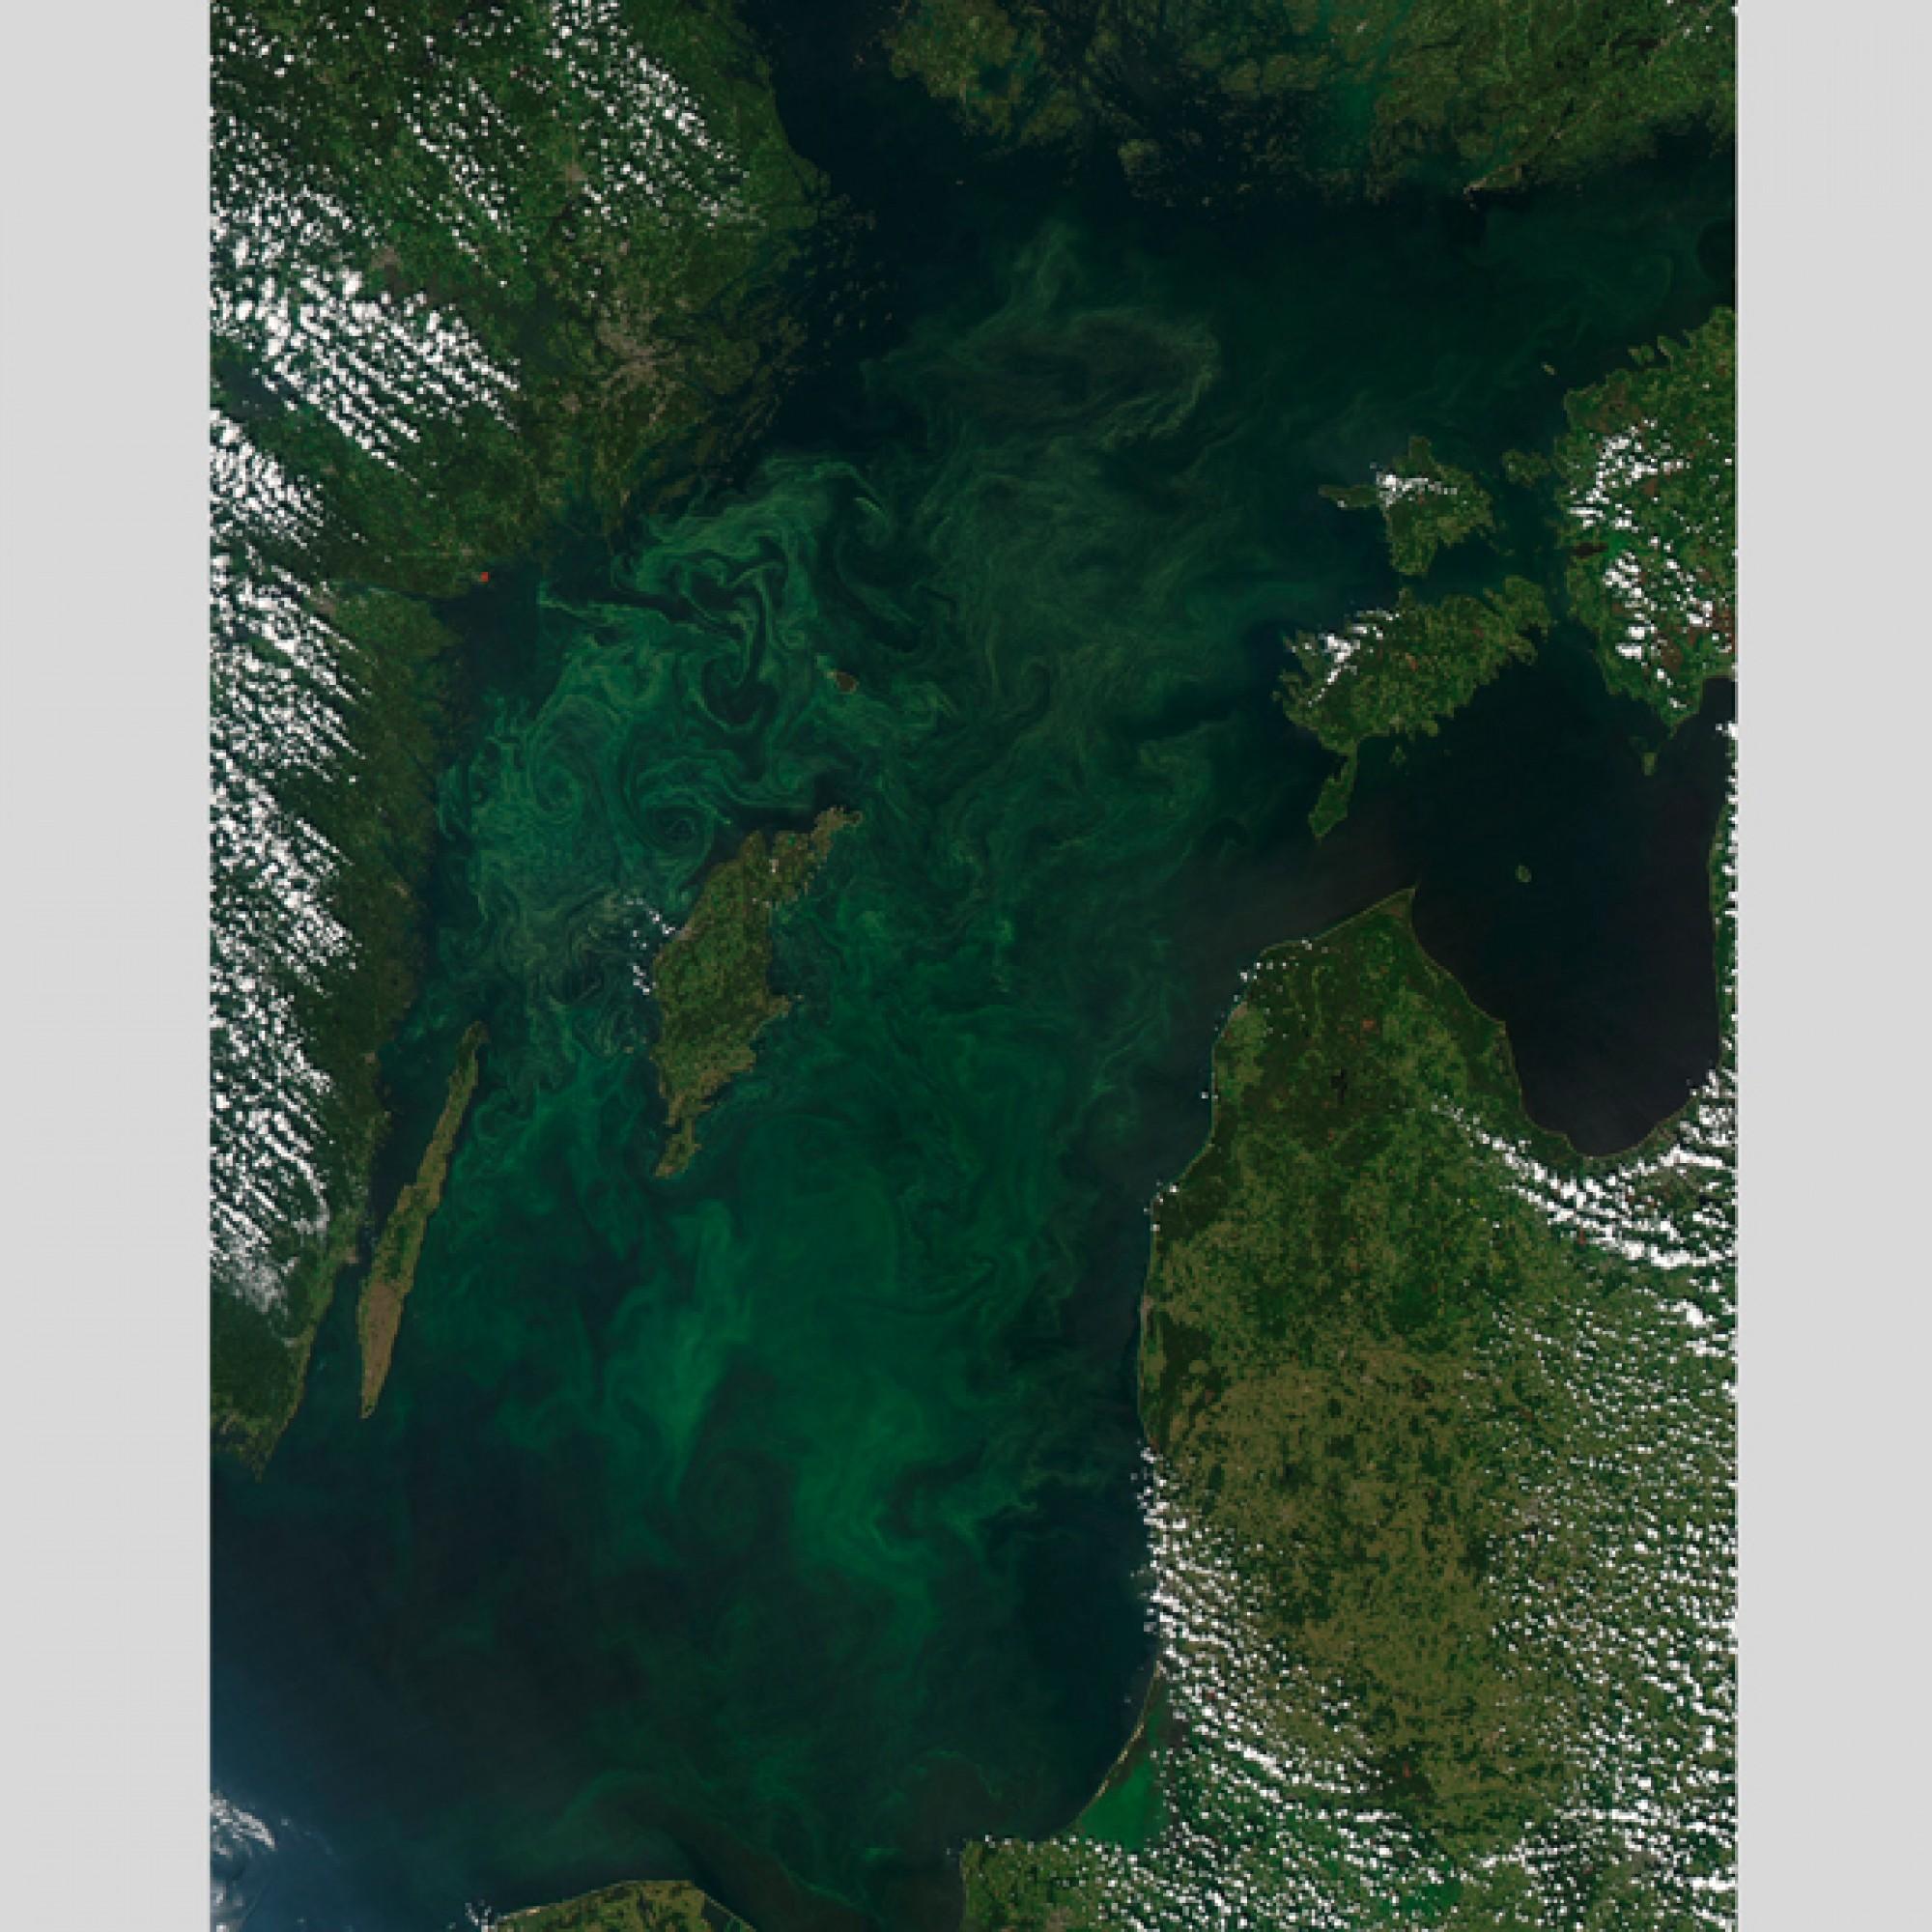 Und für eine Symphonie in dunkelgrün und tiefblau sorgen die Algen in der Baltischen See. (Nasa)